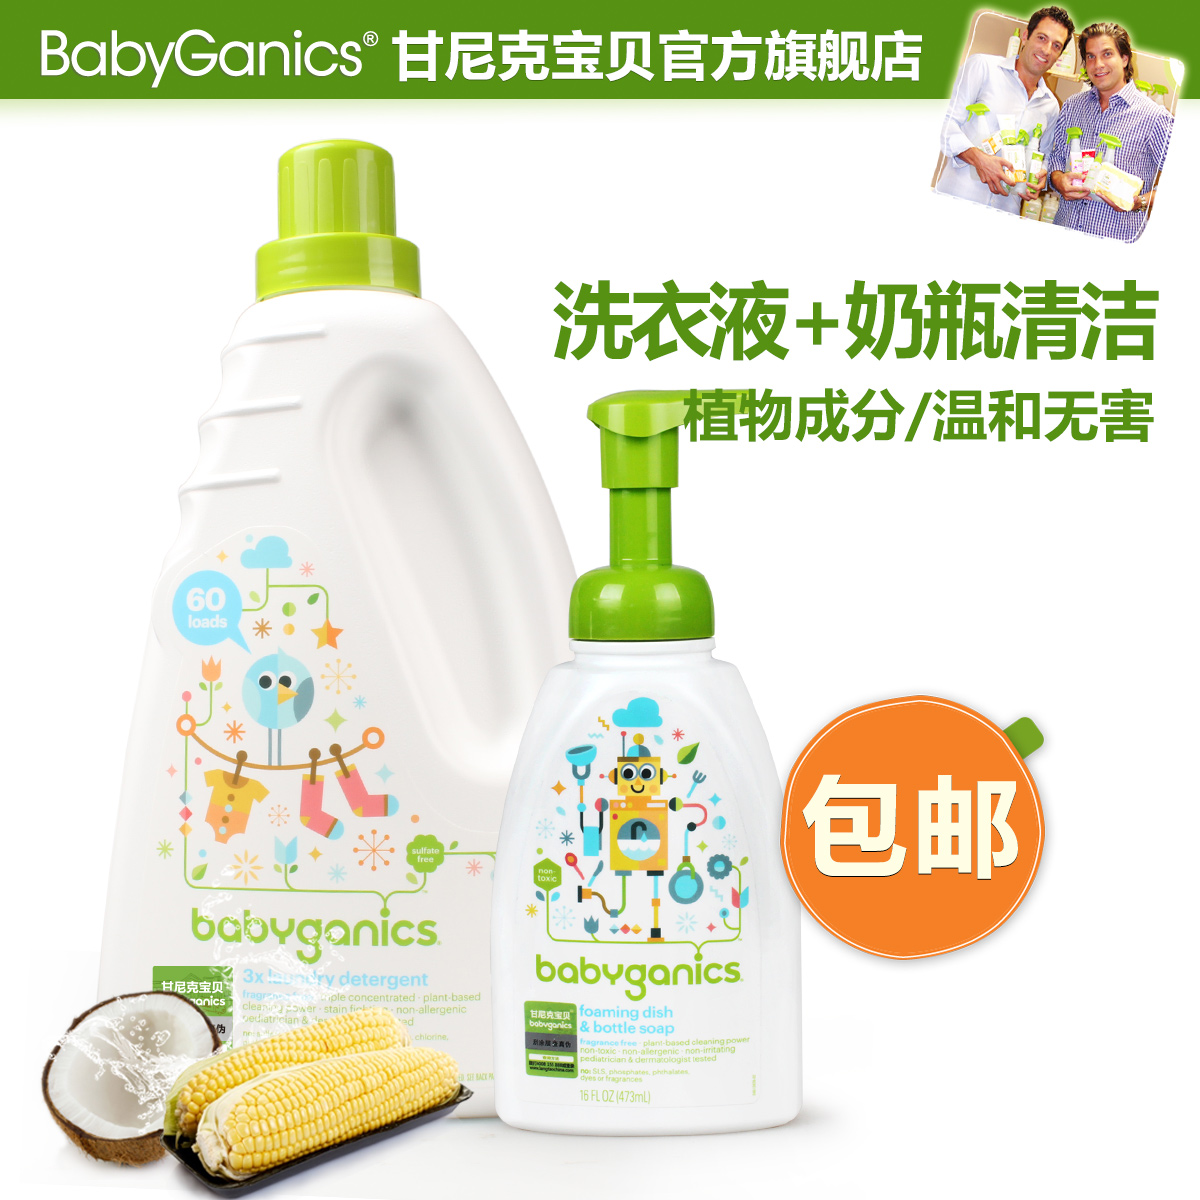 Сладкий никотин ребенок BabyGanics ребенок прачечная жидкость + бутылочка для кормления посуда фрукты и овощи чистый жидкость комбинированный набор